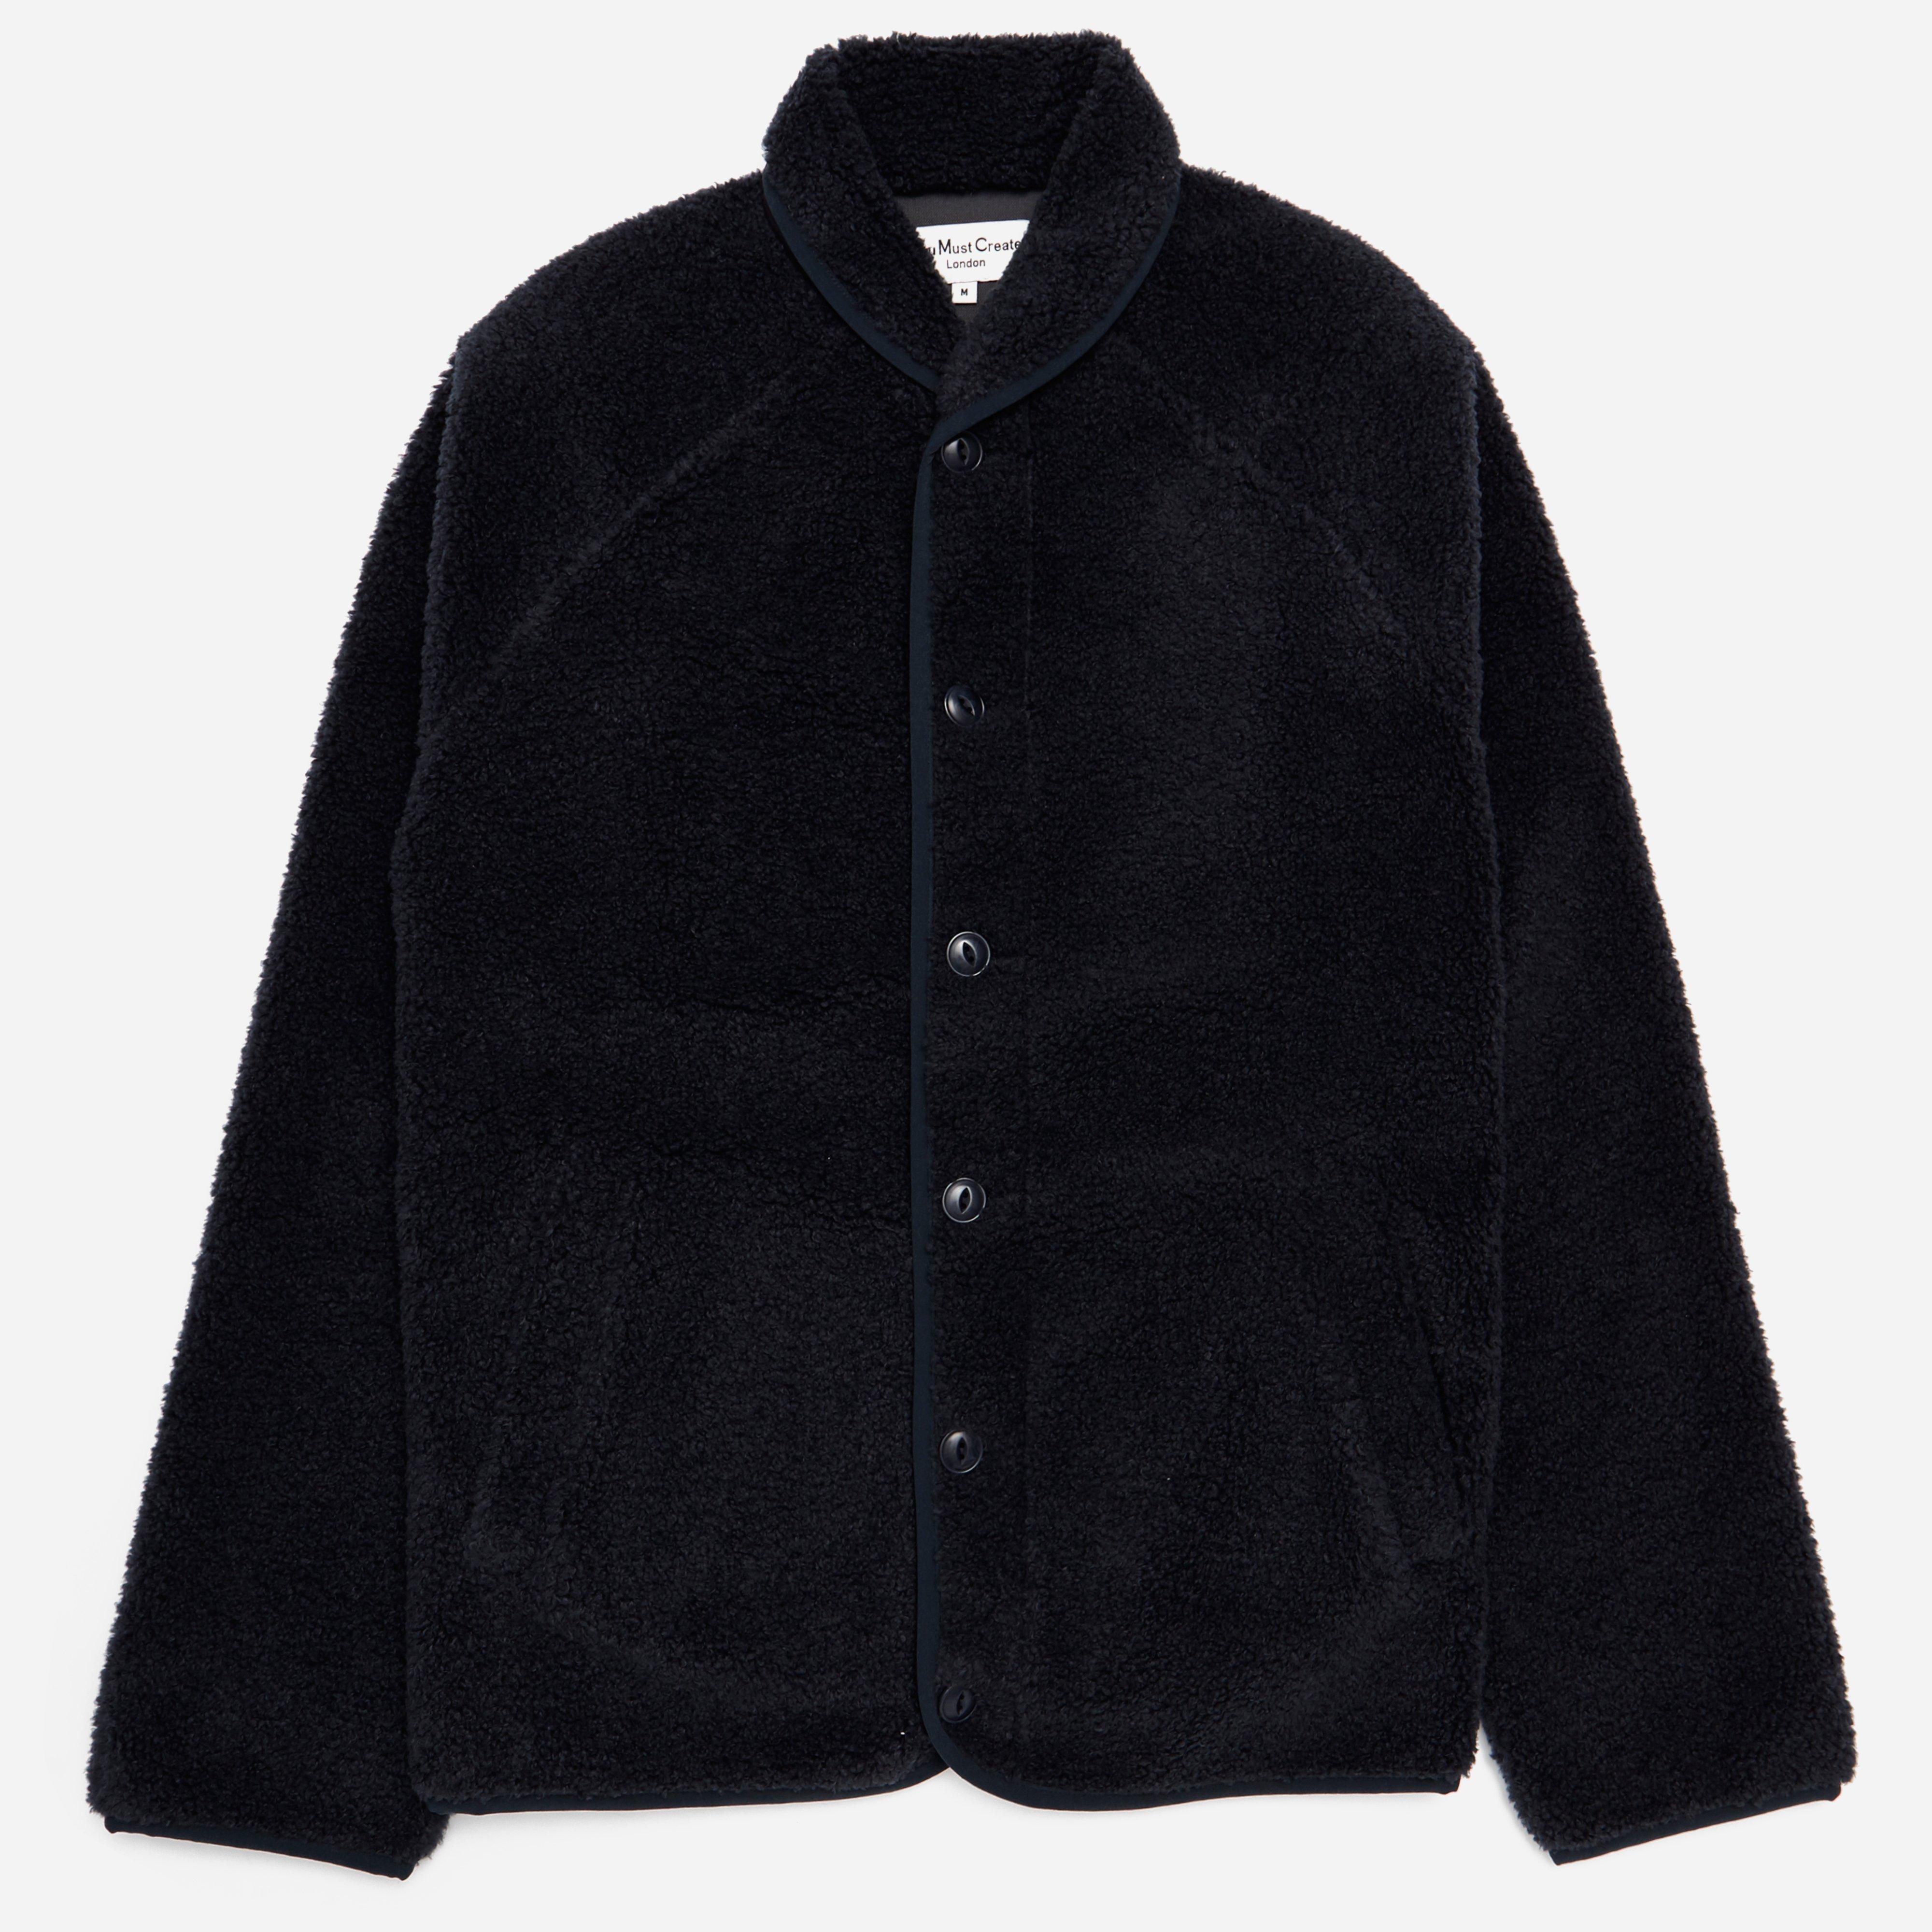 Y.M.C Beach Jacket